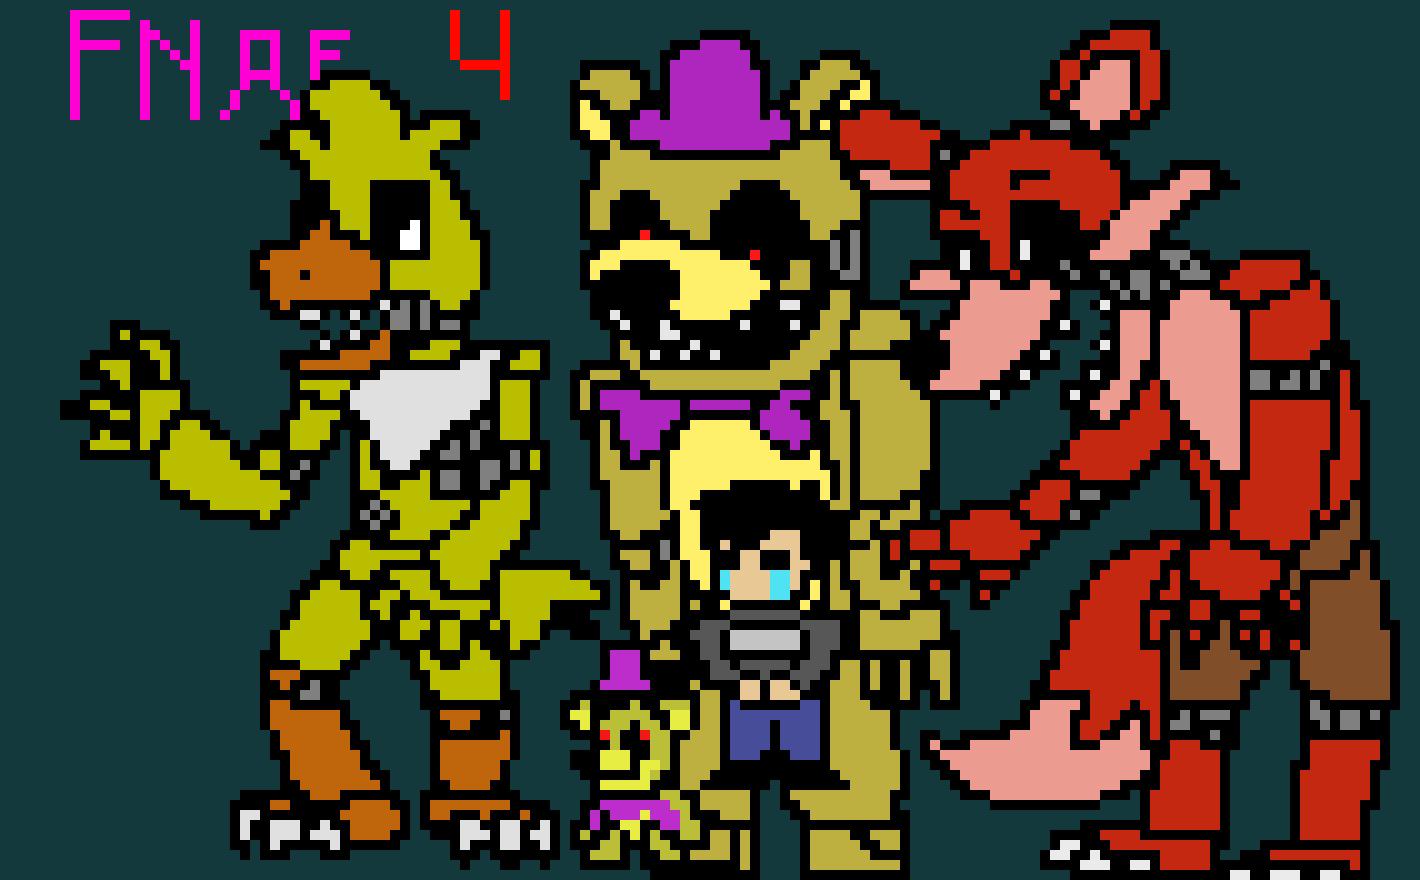 FNAF 4 (Not nightmare) | Pixel Art Maker